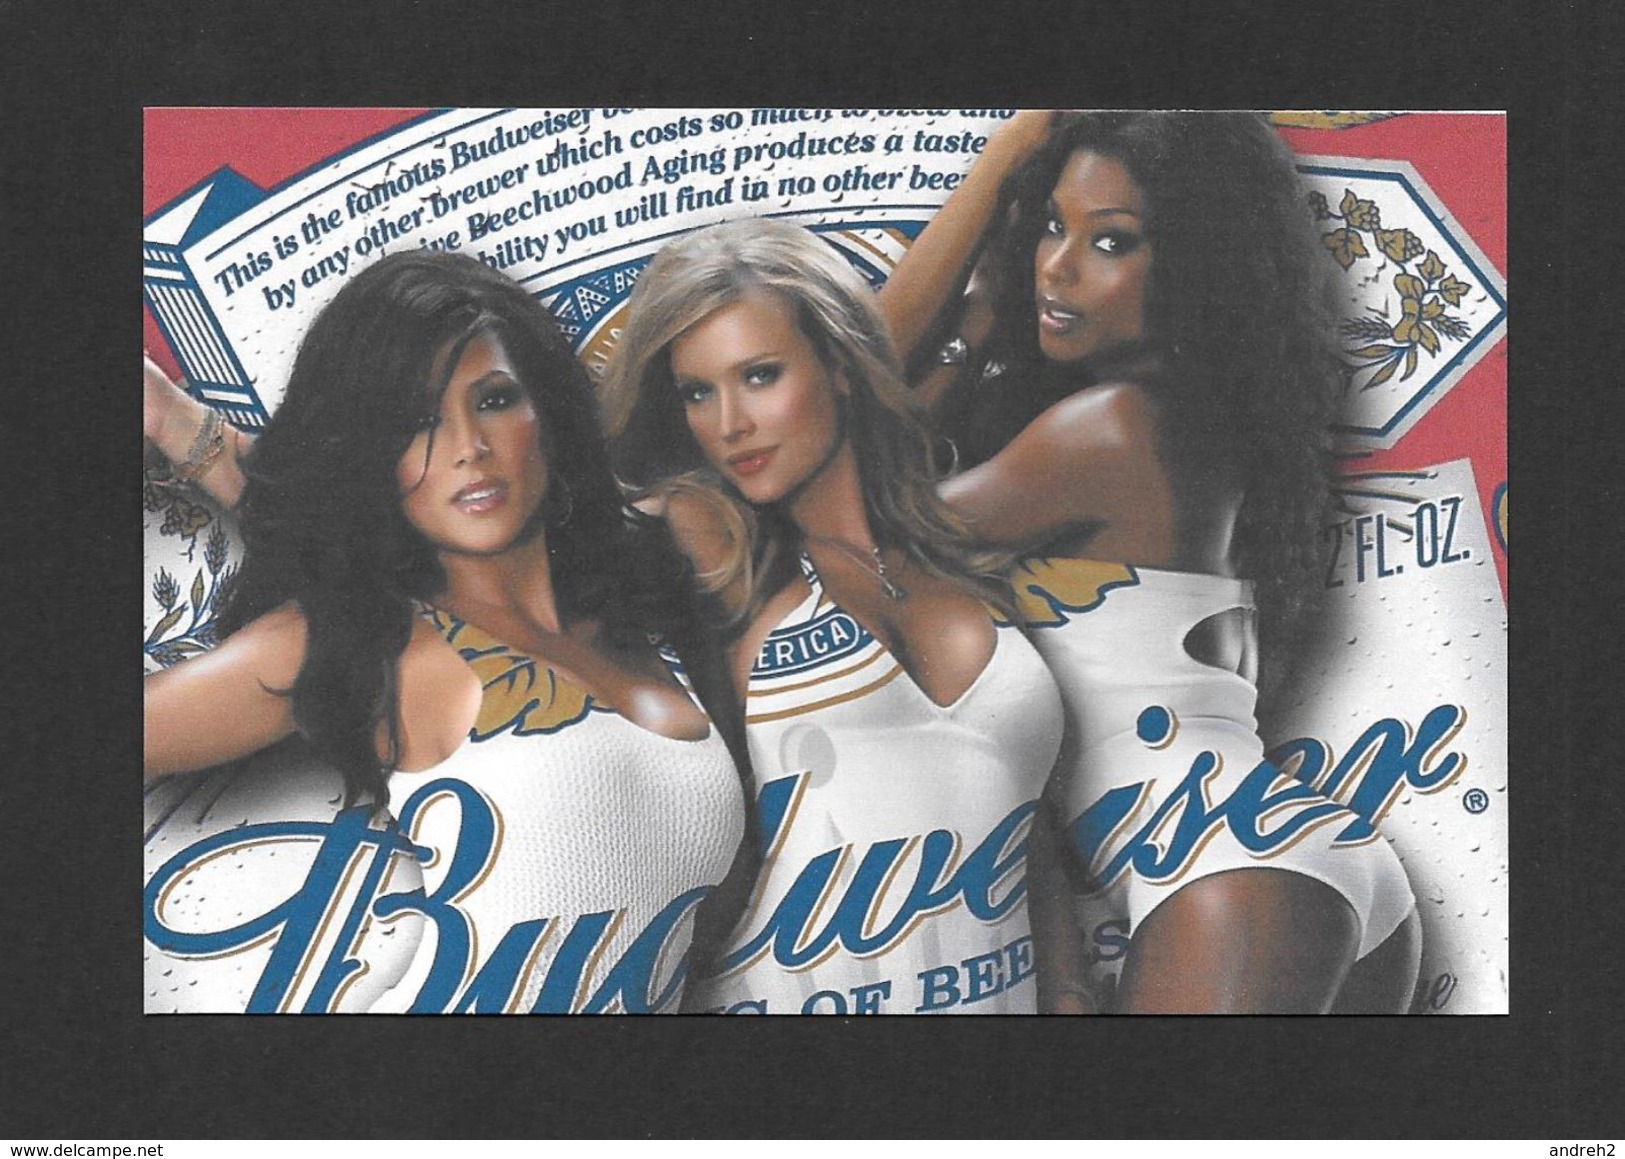 PUBLICITÉ - ADVERTISING - BIÈRE BUDWEISER AVEC DE TRÈS JOLIES FILLES - Publicité